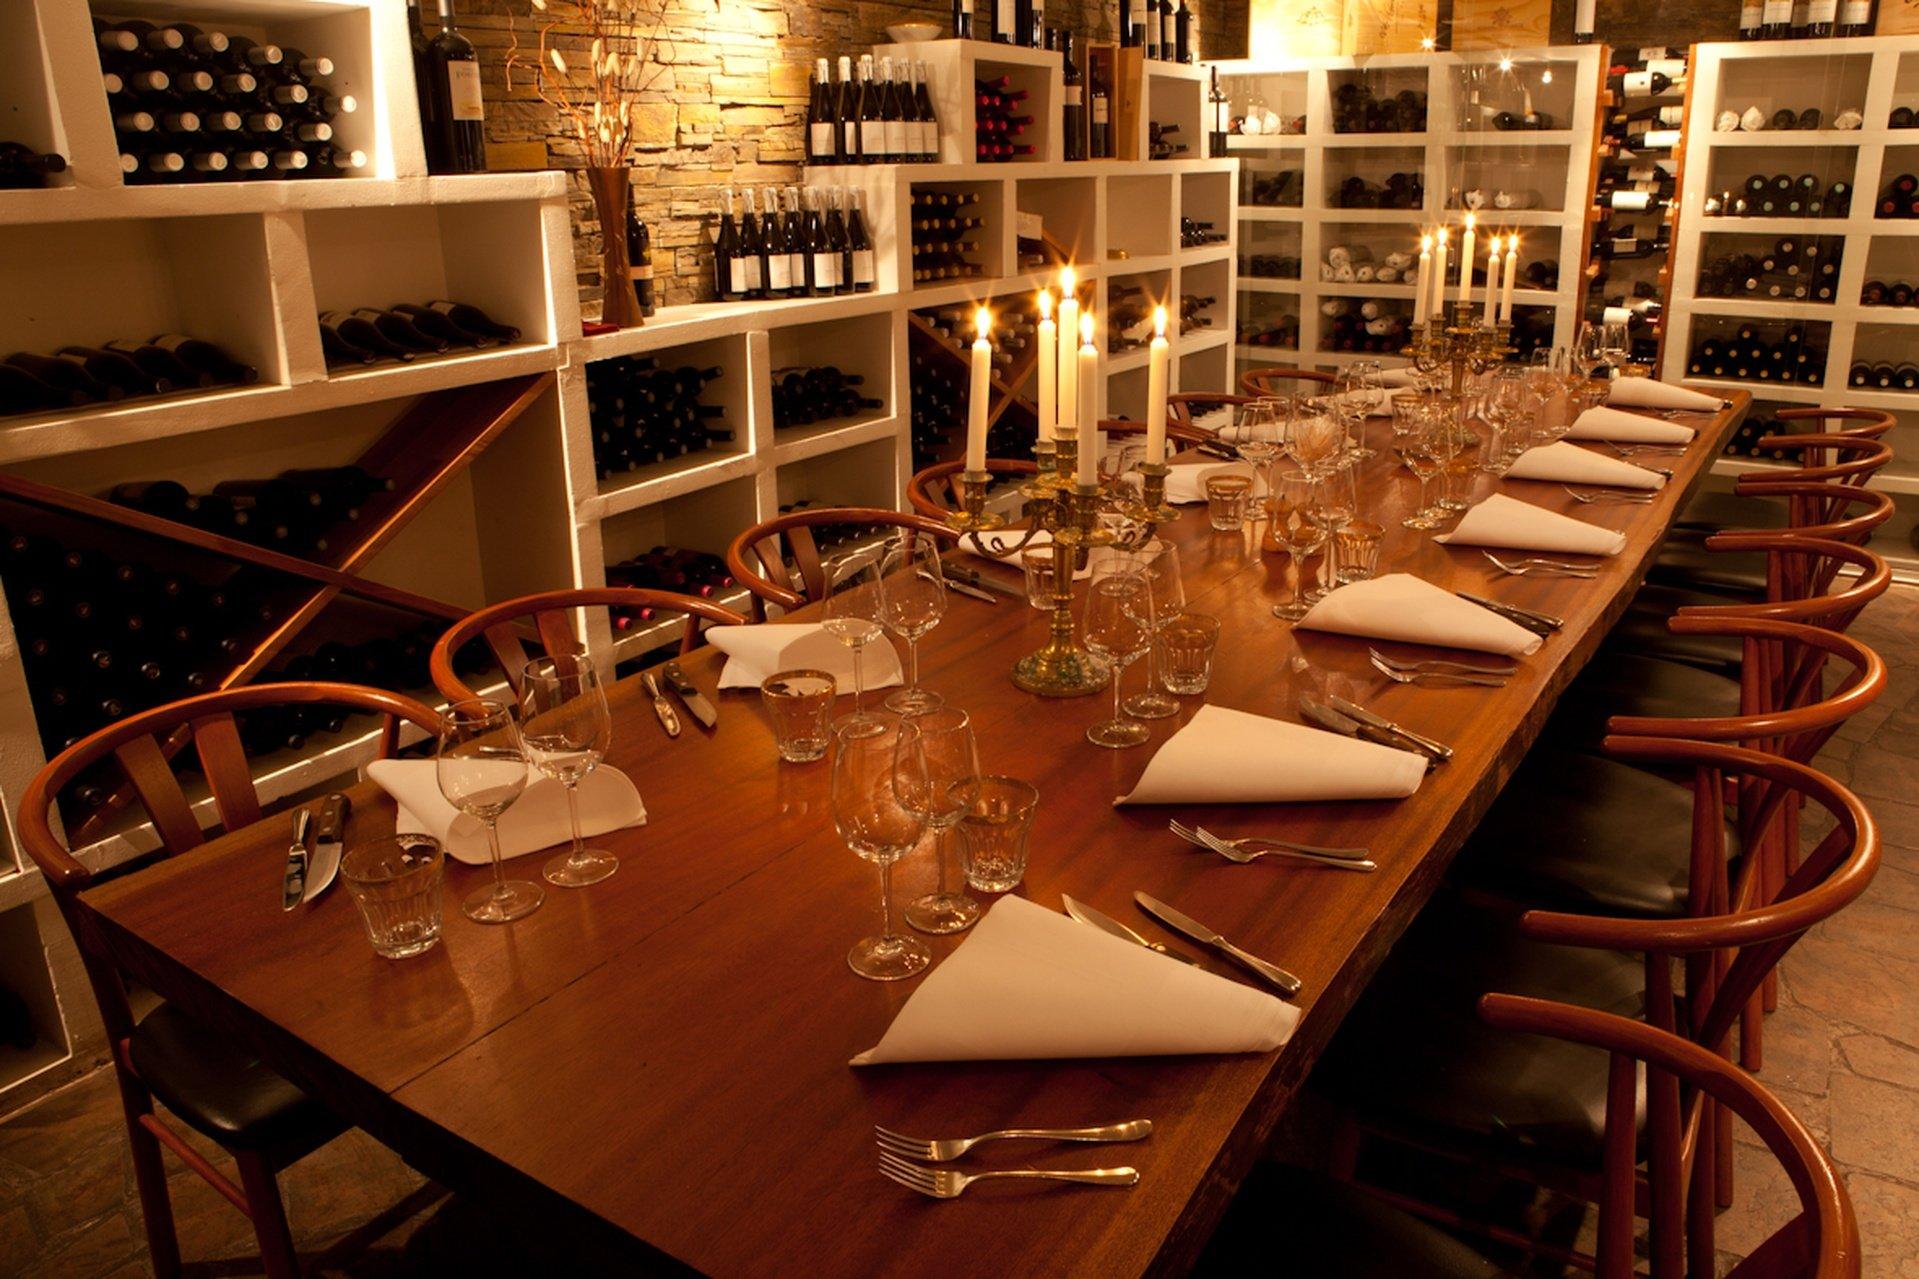 Copenhague corporate event venues Restaurant Restaurant Fuego Wine Cellar image 0